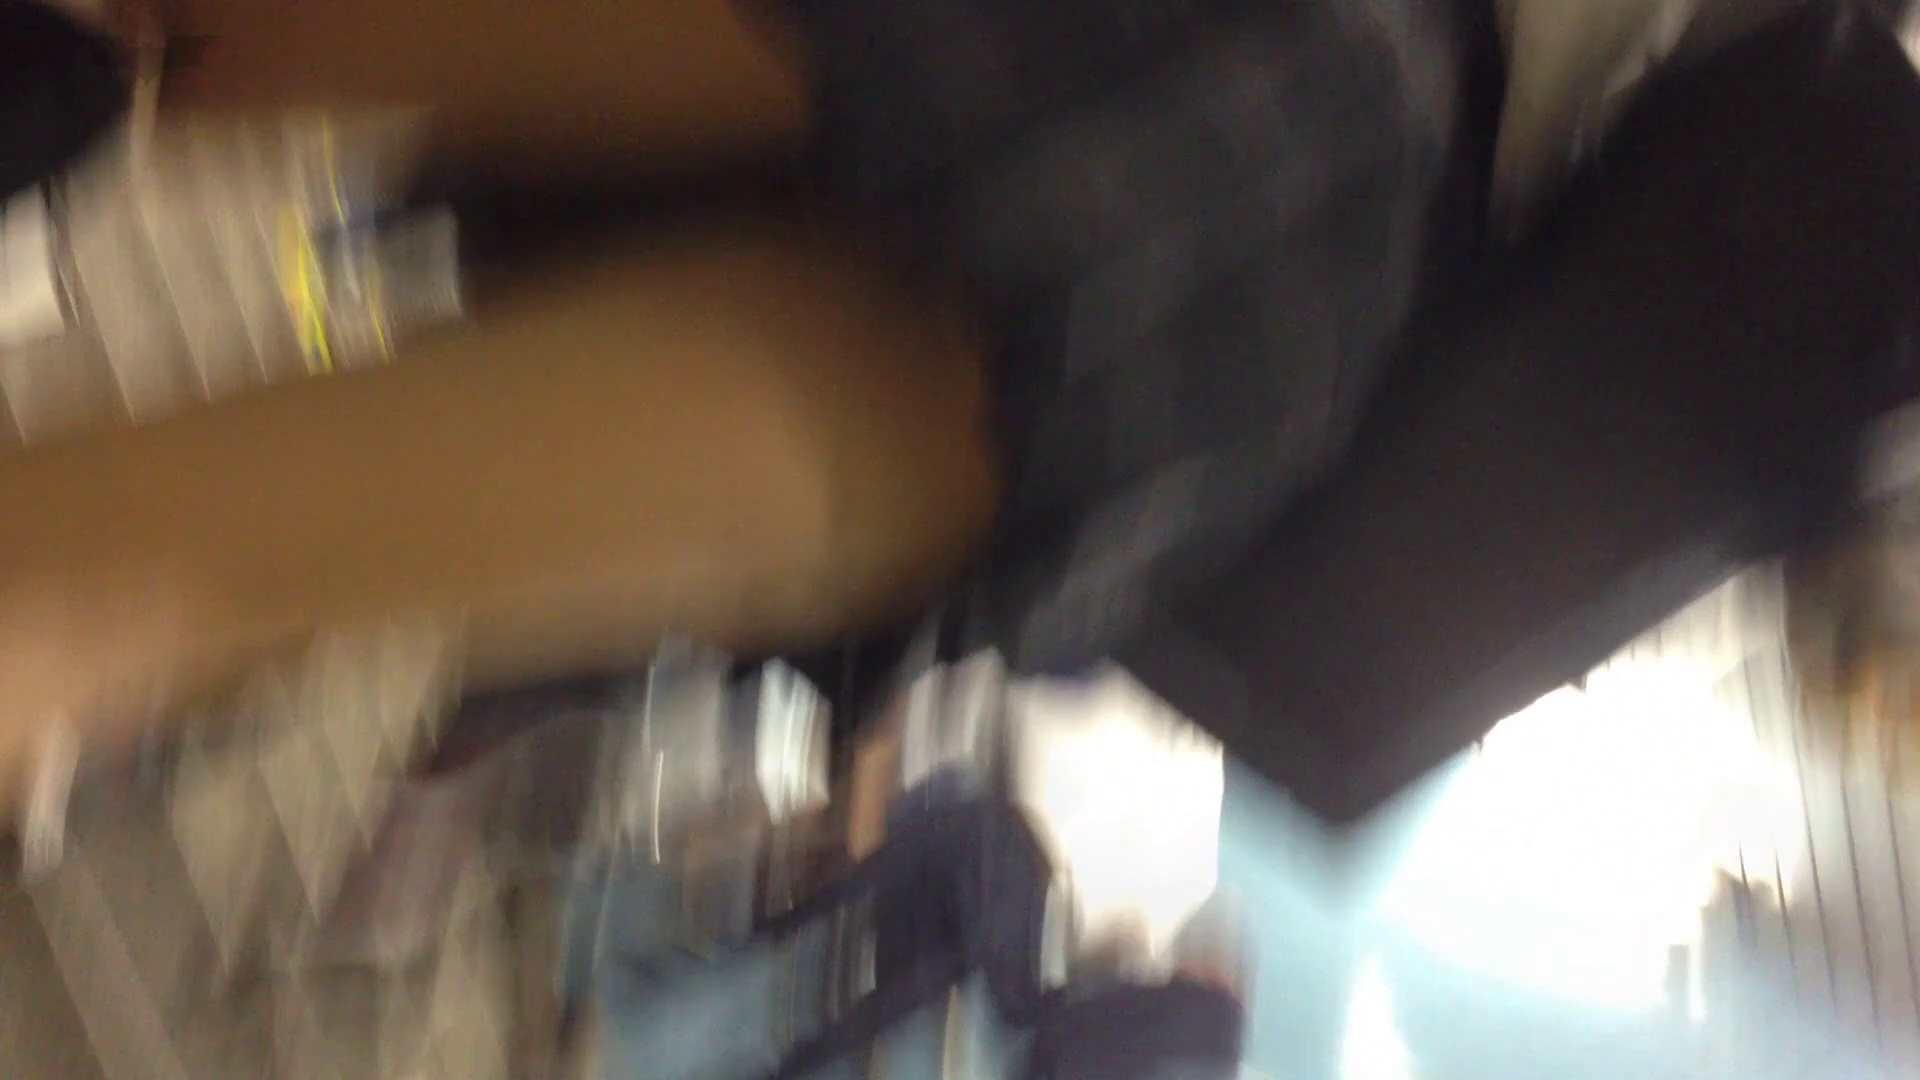 階段パンチラ Vol.07 パンチラ・ギャル ヌード画像 92画像 15